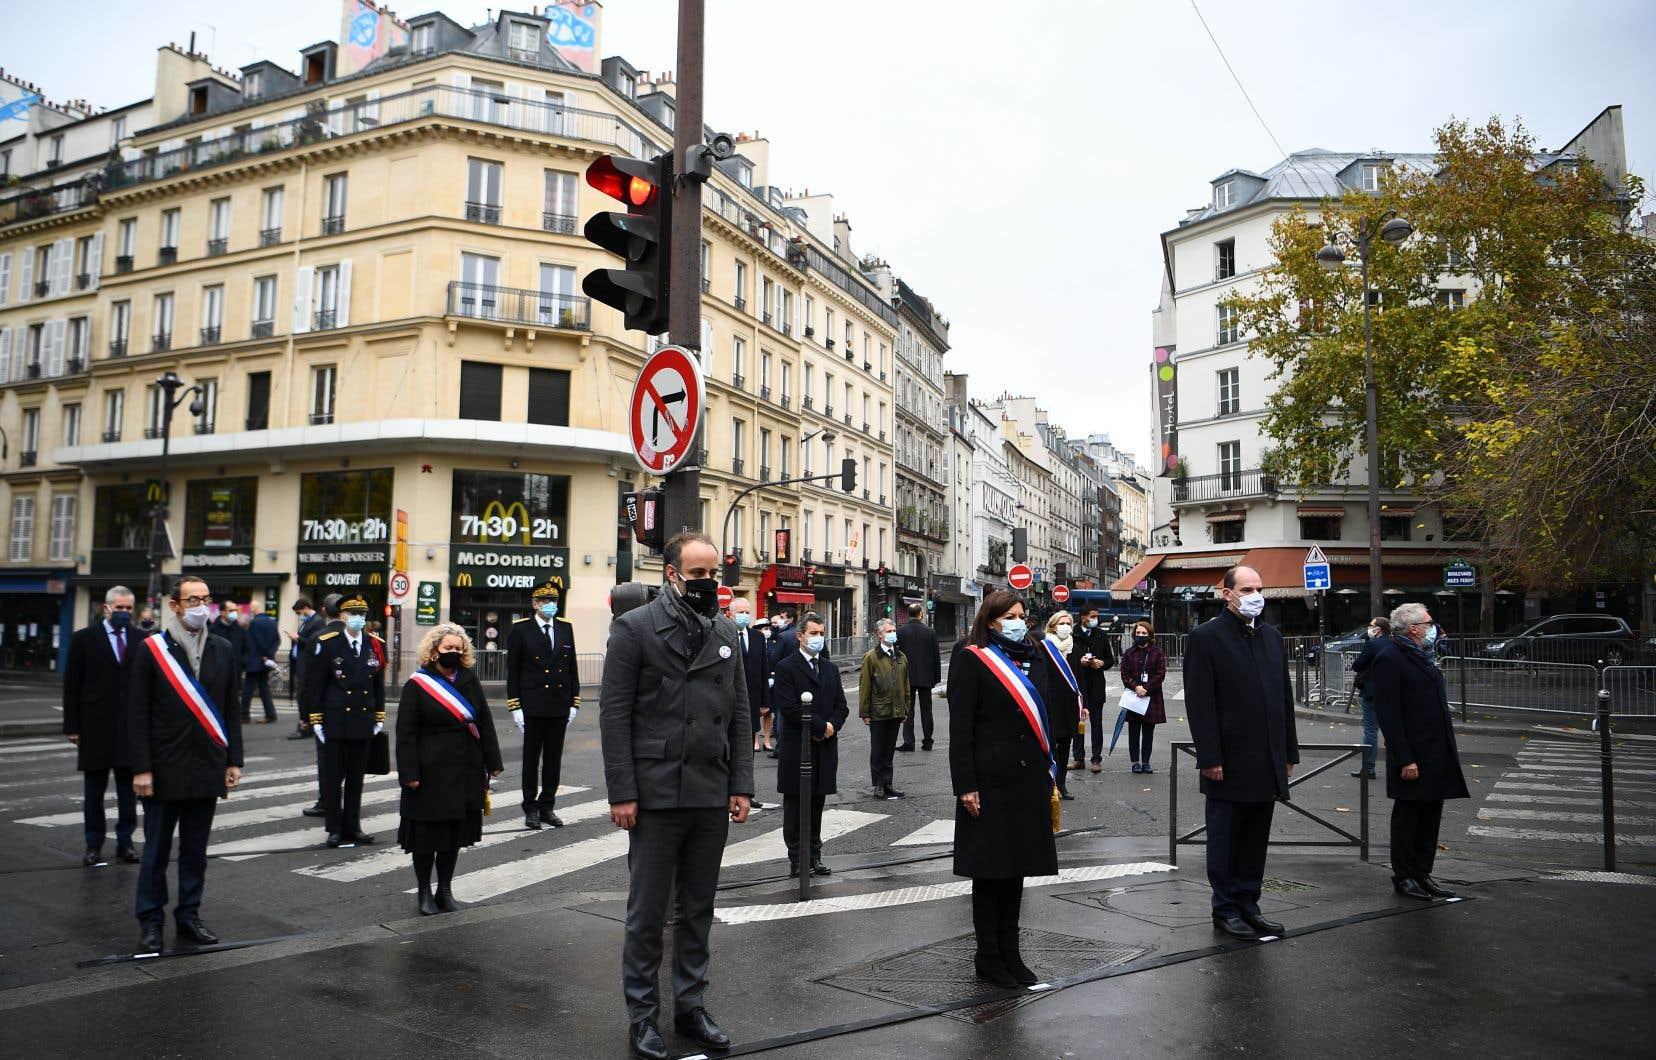 Accompagné notamment de la maire de Paris Anne Hidalgo (devant au centre), le premier ministre Jean Castex (troisième à partir de la gauche) s'est rendu dans la matinée en différents lieux de Paris, cibles des commandos téléguidés par le groupe État islamiqueil y a cinq ans.